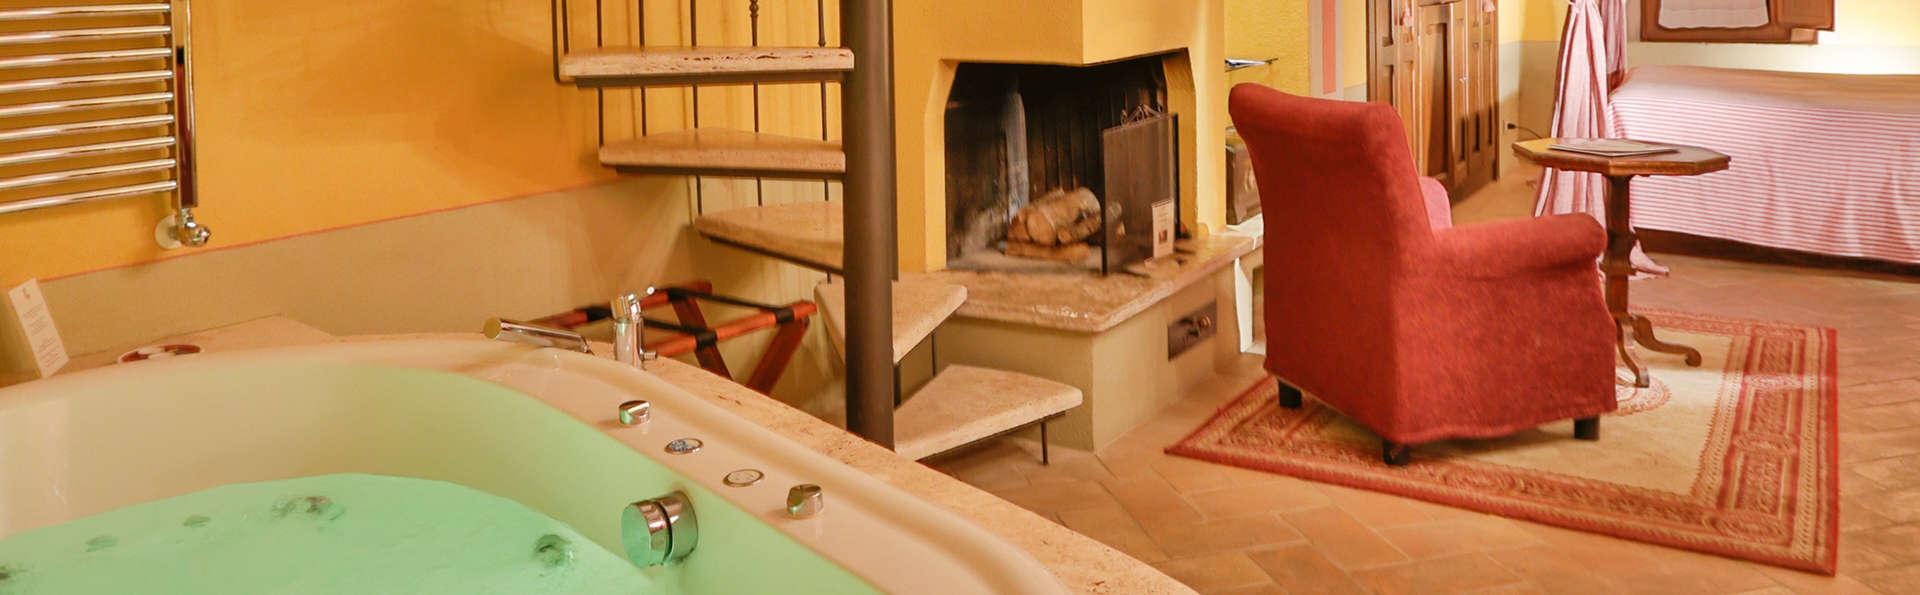 Week-end de détente avec jacuzzi dans votre chambre en Toscane !